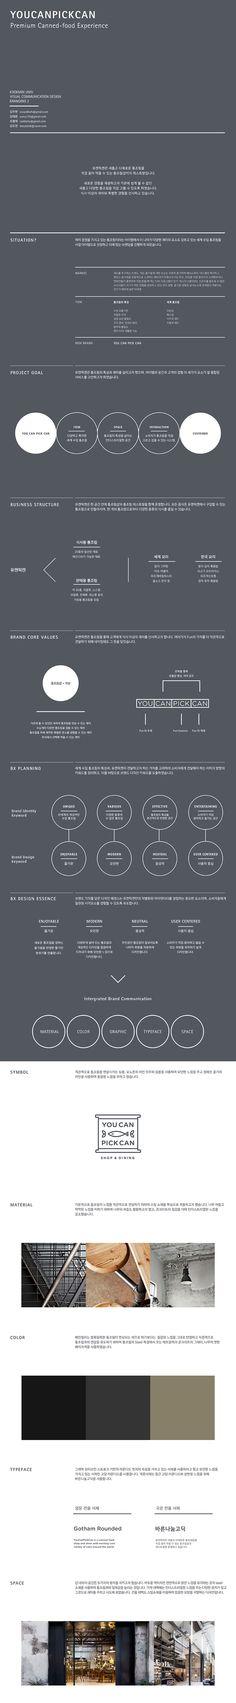 국민대학교 시각디자인과 브랜딩 수업 결과물 - 03. YouCanPickCan (김태완,김우현,김도연,조형래) - 지도교수 신명섭 : 네이버 블로그 Web Layout, Layout Design, Portfolio Design, Webdesign Layouts, Web Design, Flat Design, Graphic Design, Poster Text, Brand Manual